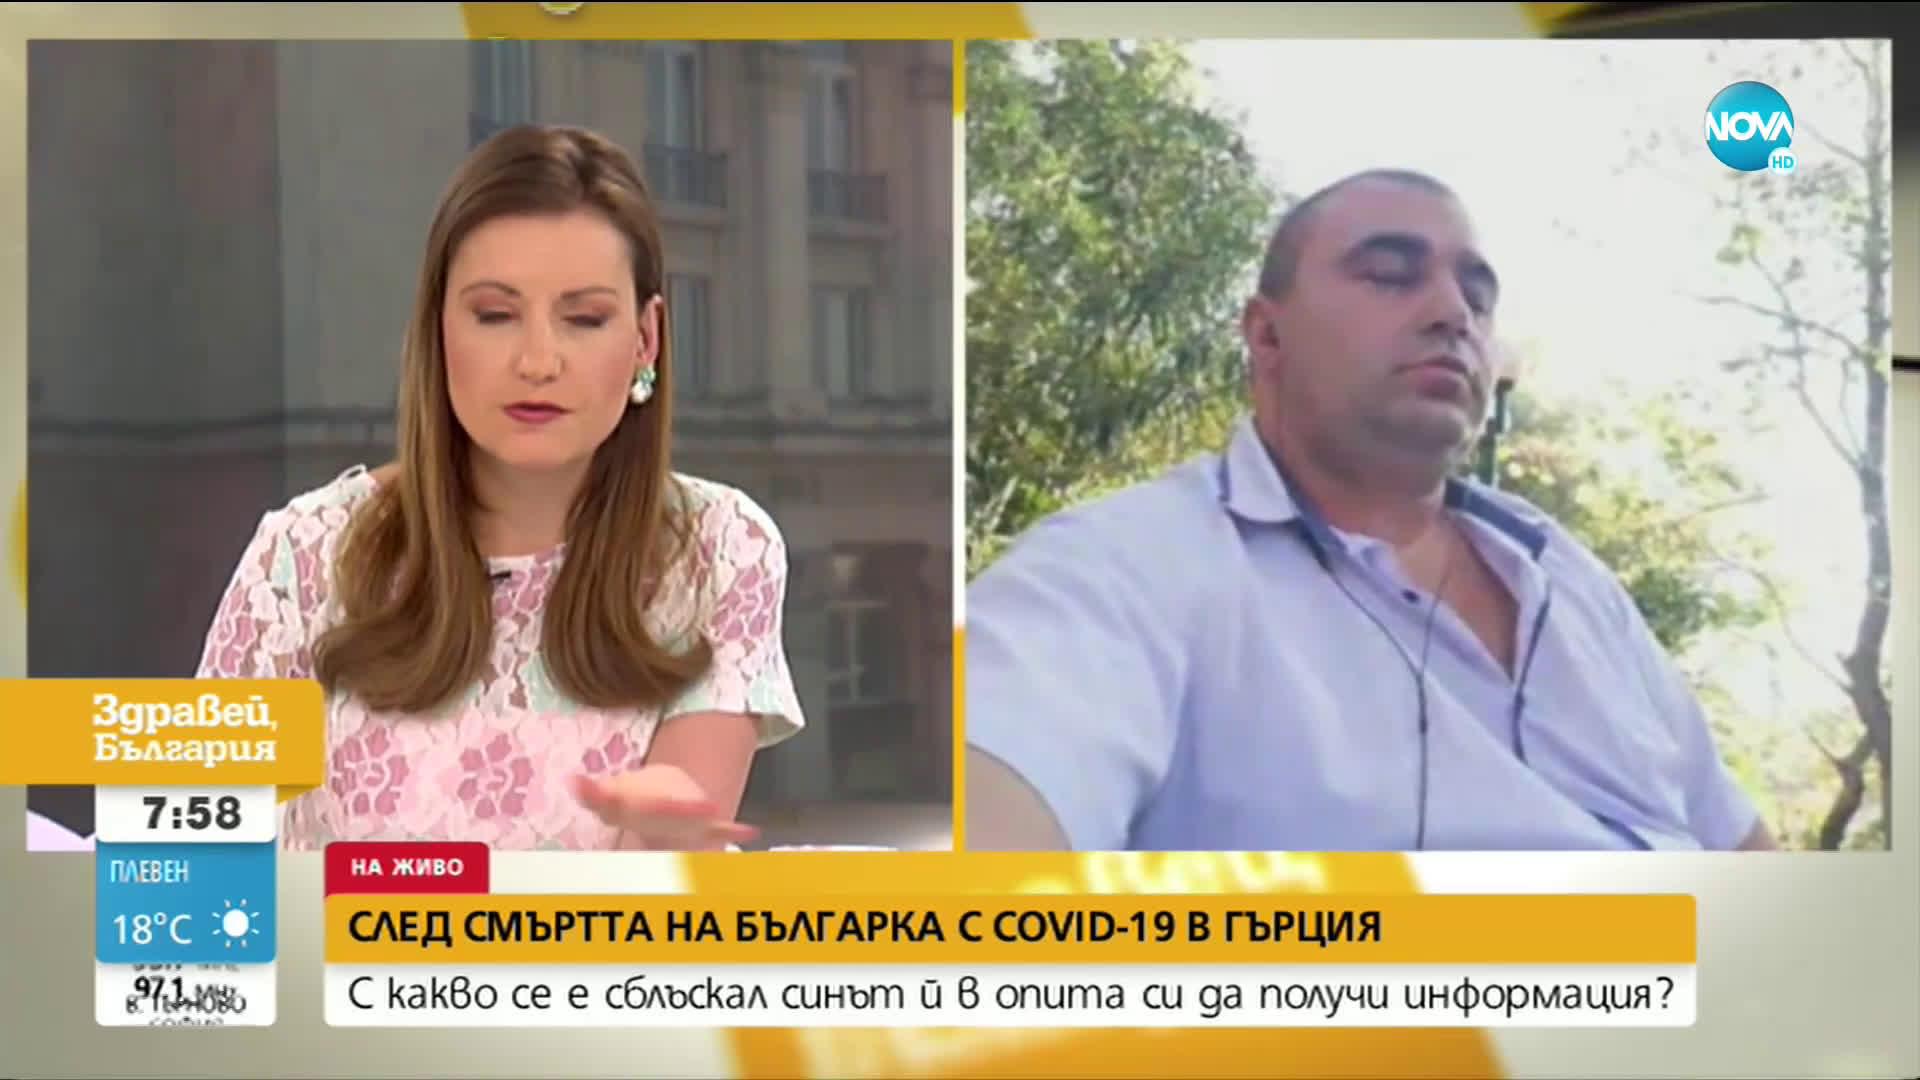 Синът на българка, починала с COVID-19 в Гърция, твърди, че е заплашван от болницата